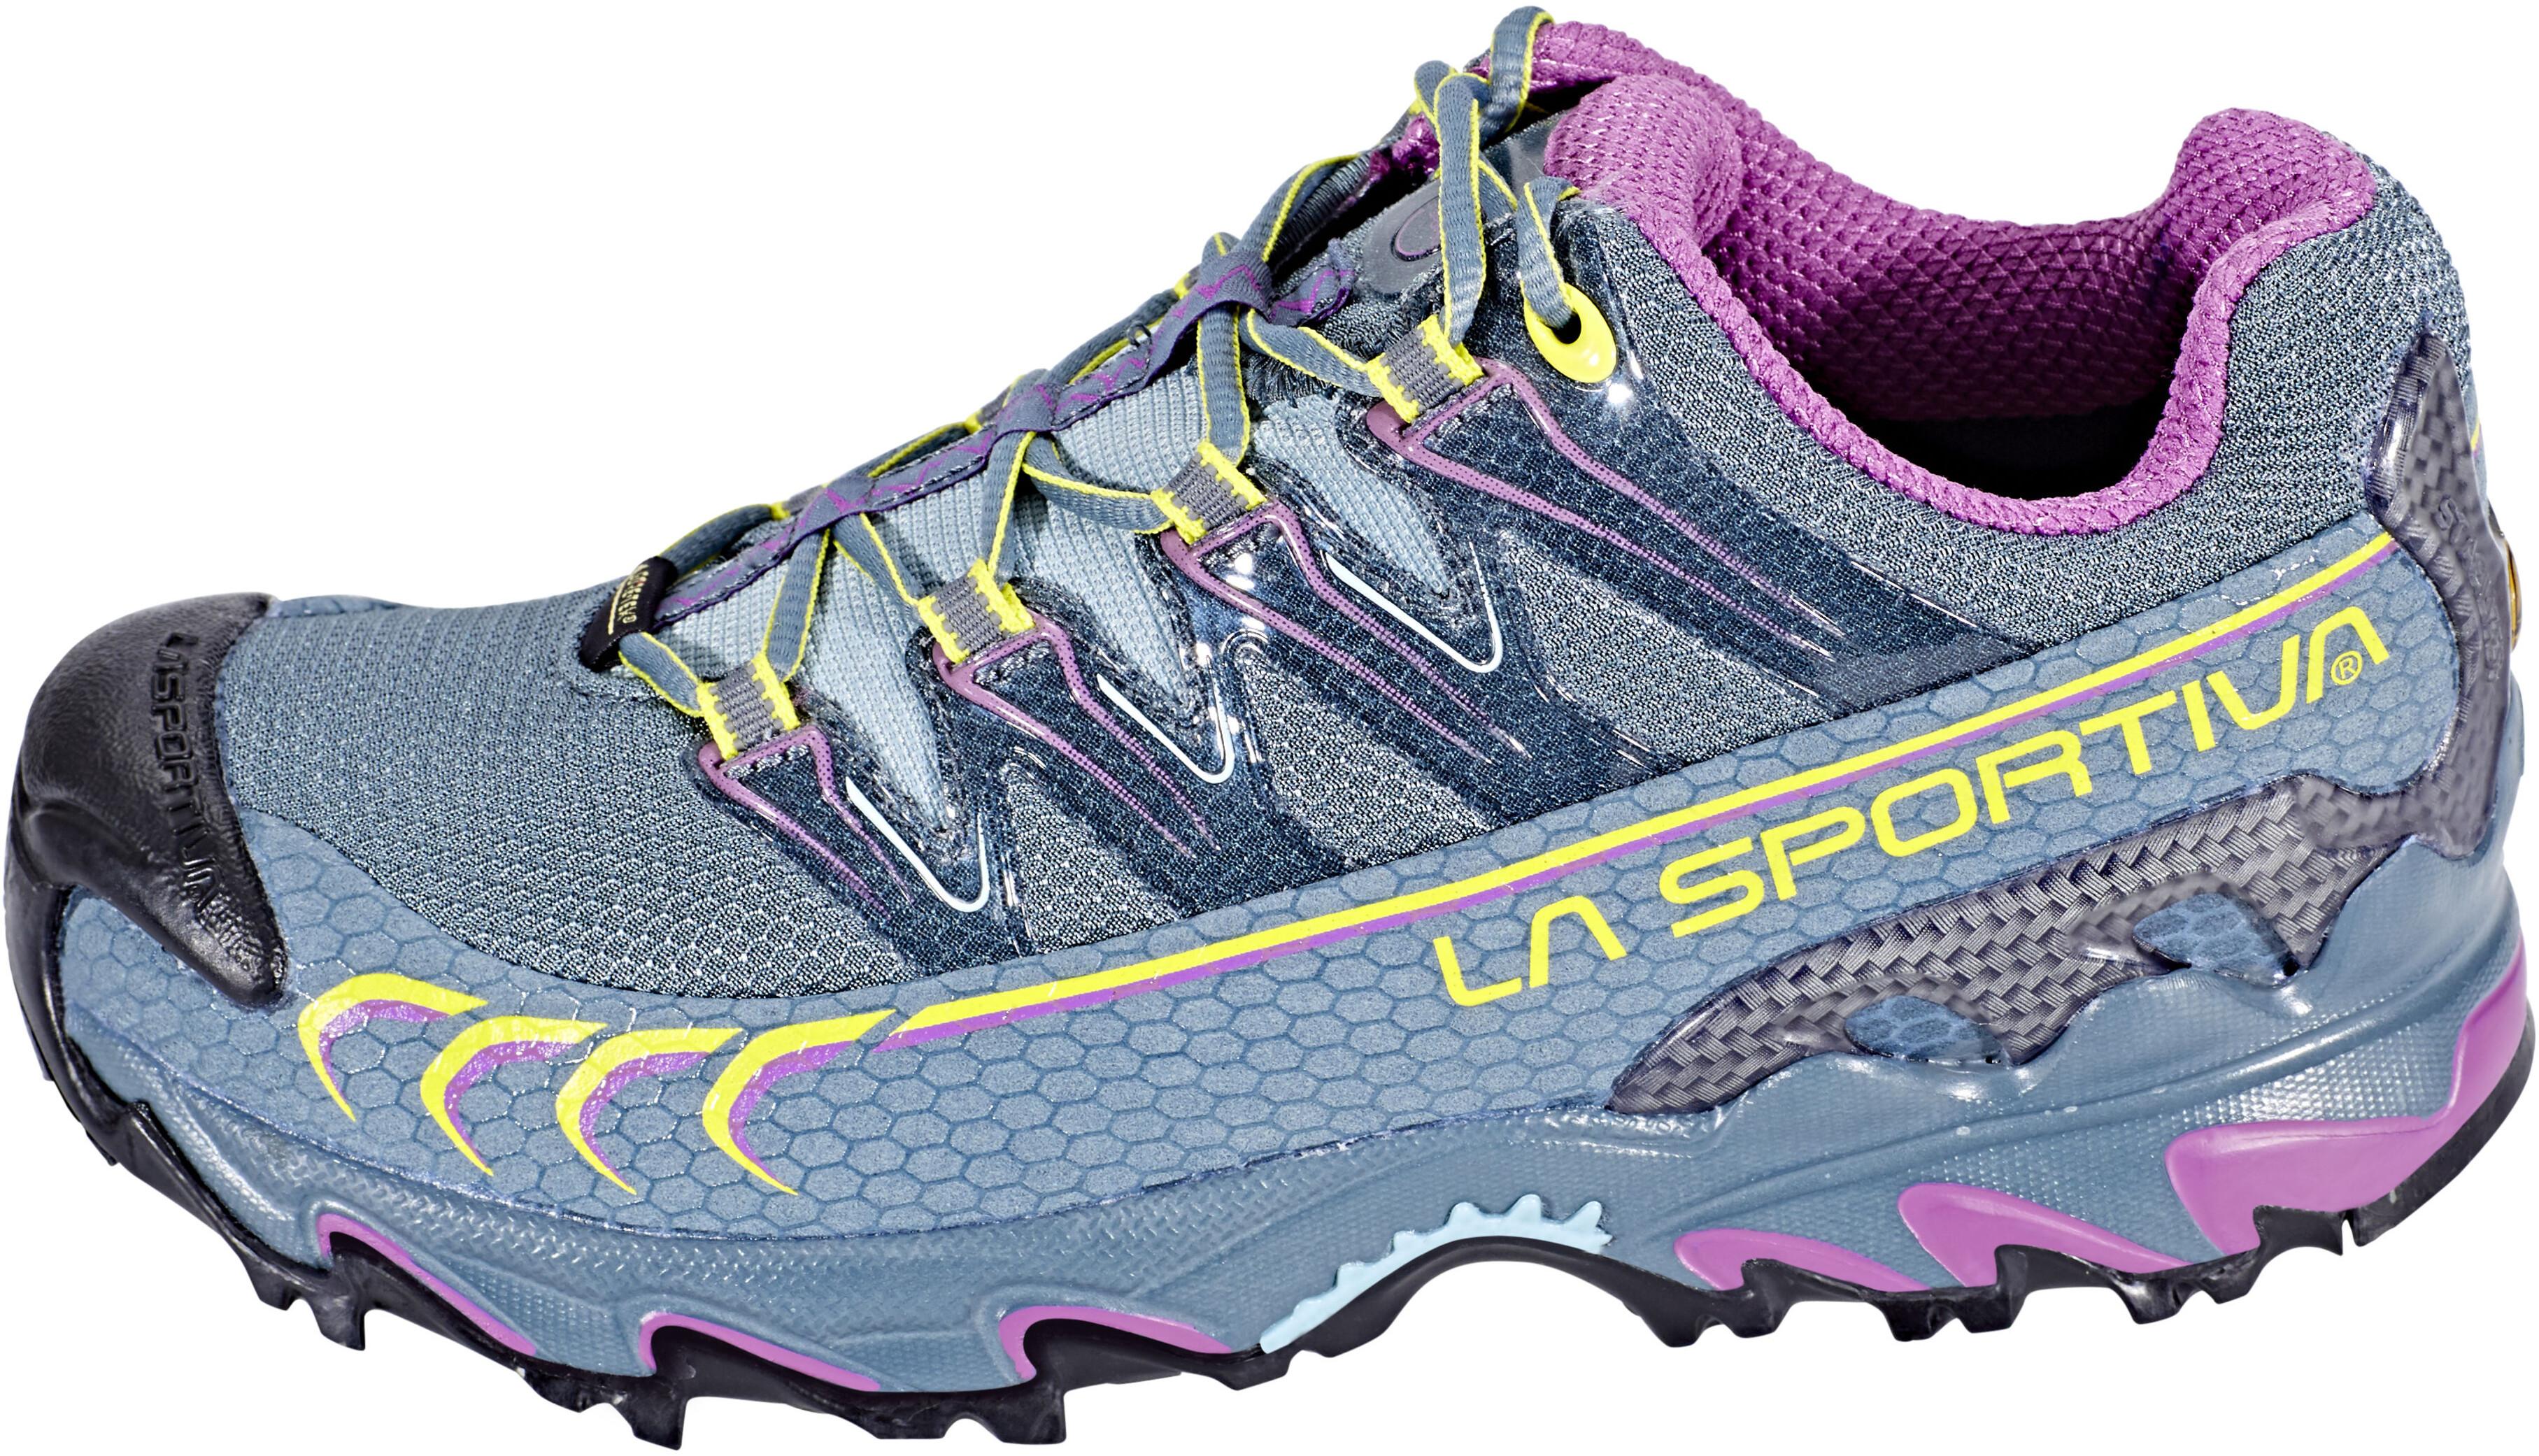 6a9388bd7d7 La Sportiva Ultra Raptor GTX - Chaussures running Femme - gris sur ...